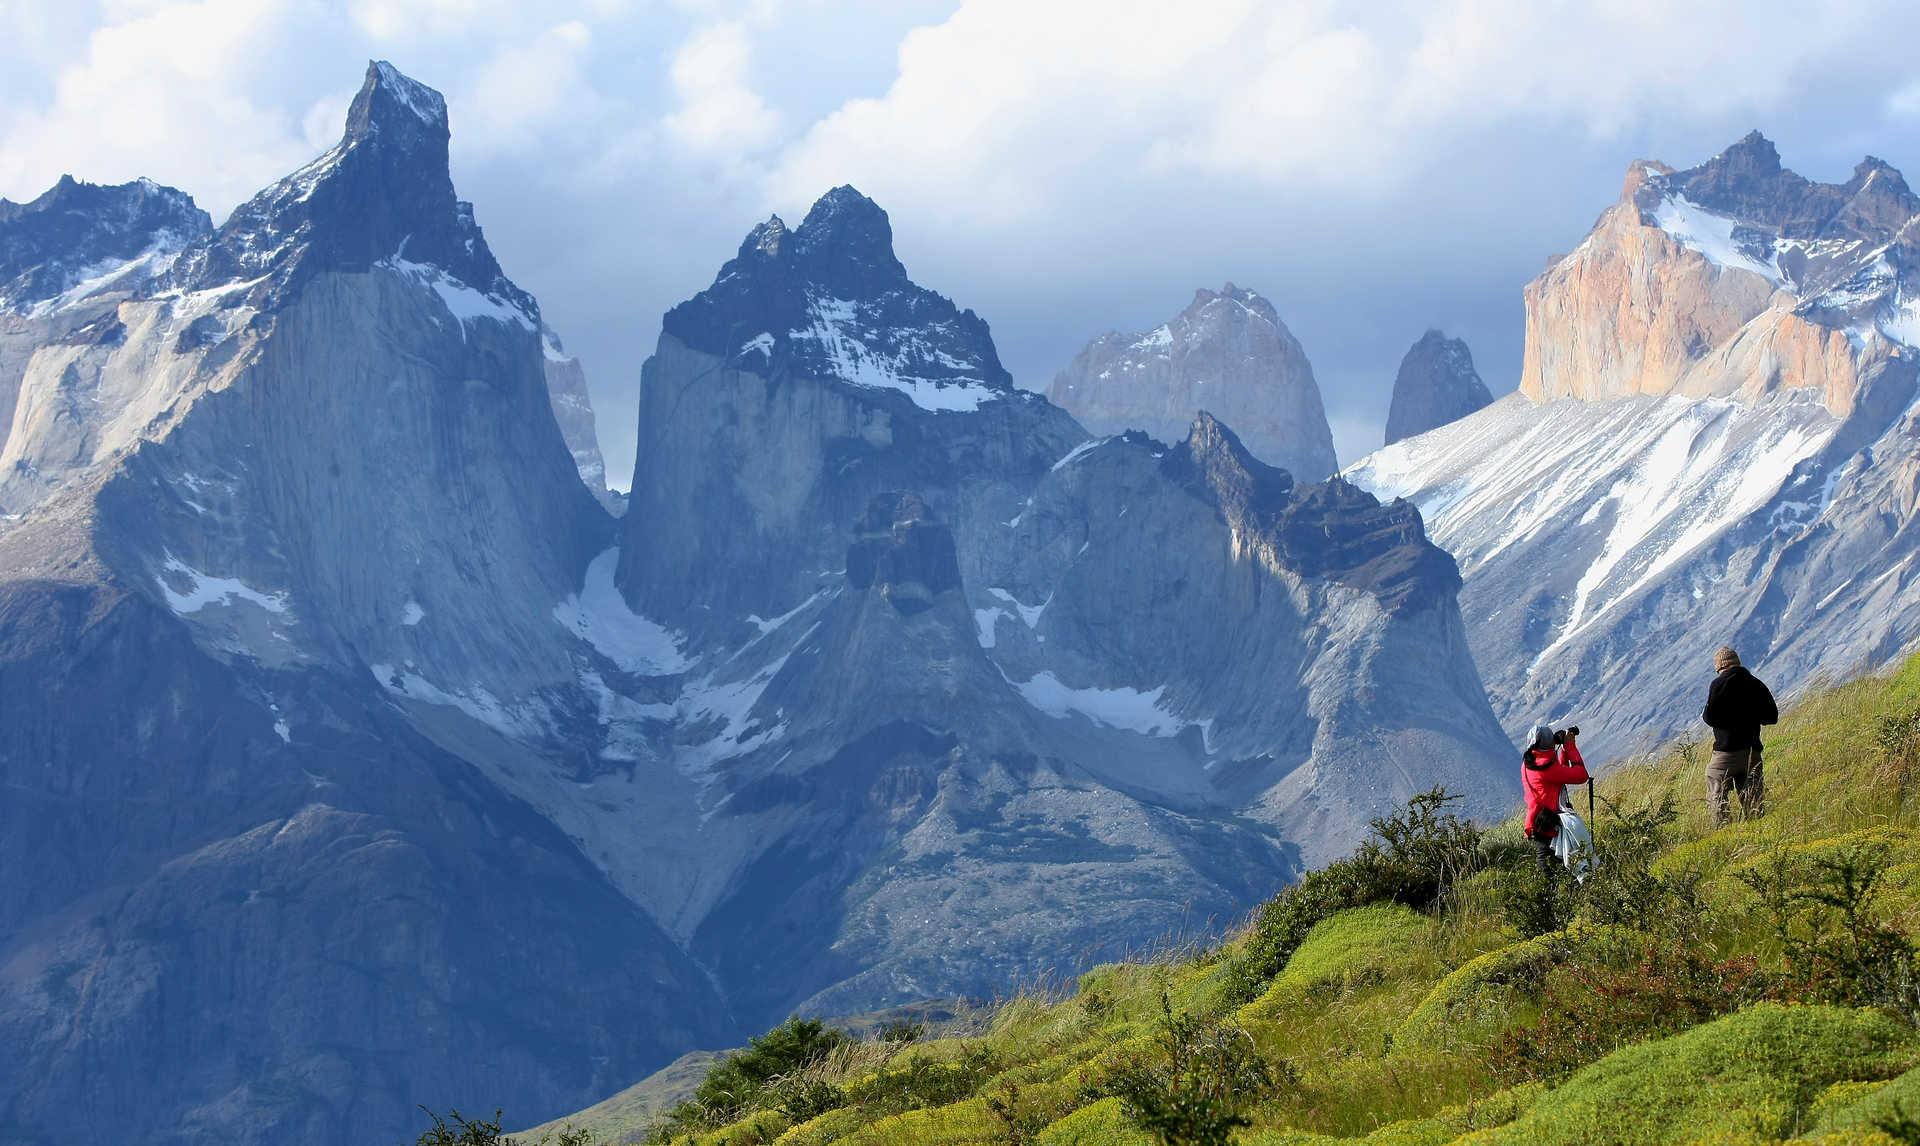 Superbe point de vue lors d'une randonnée dans le parc national Torres del Paine